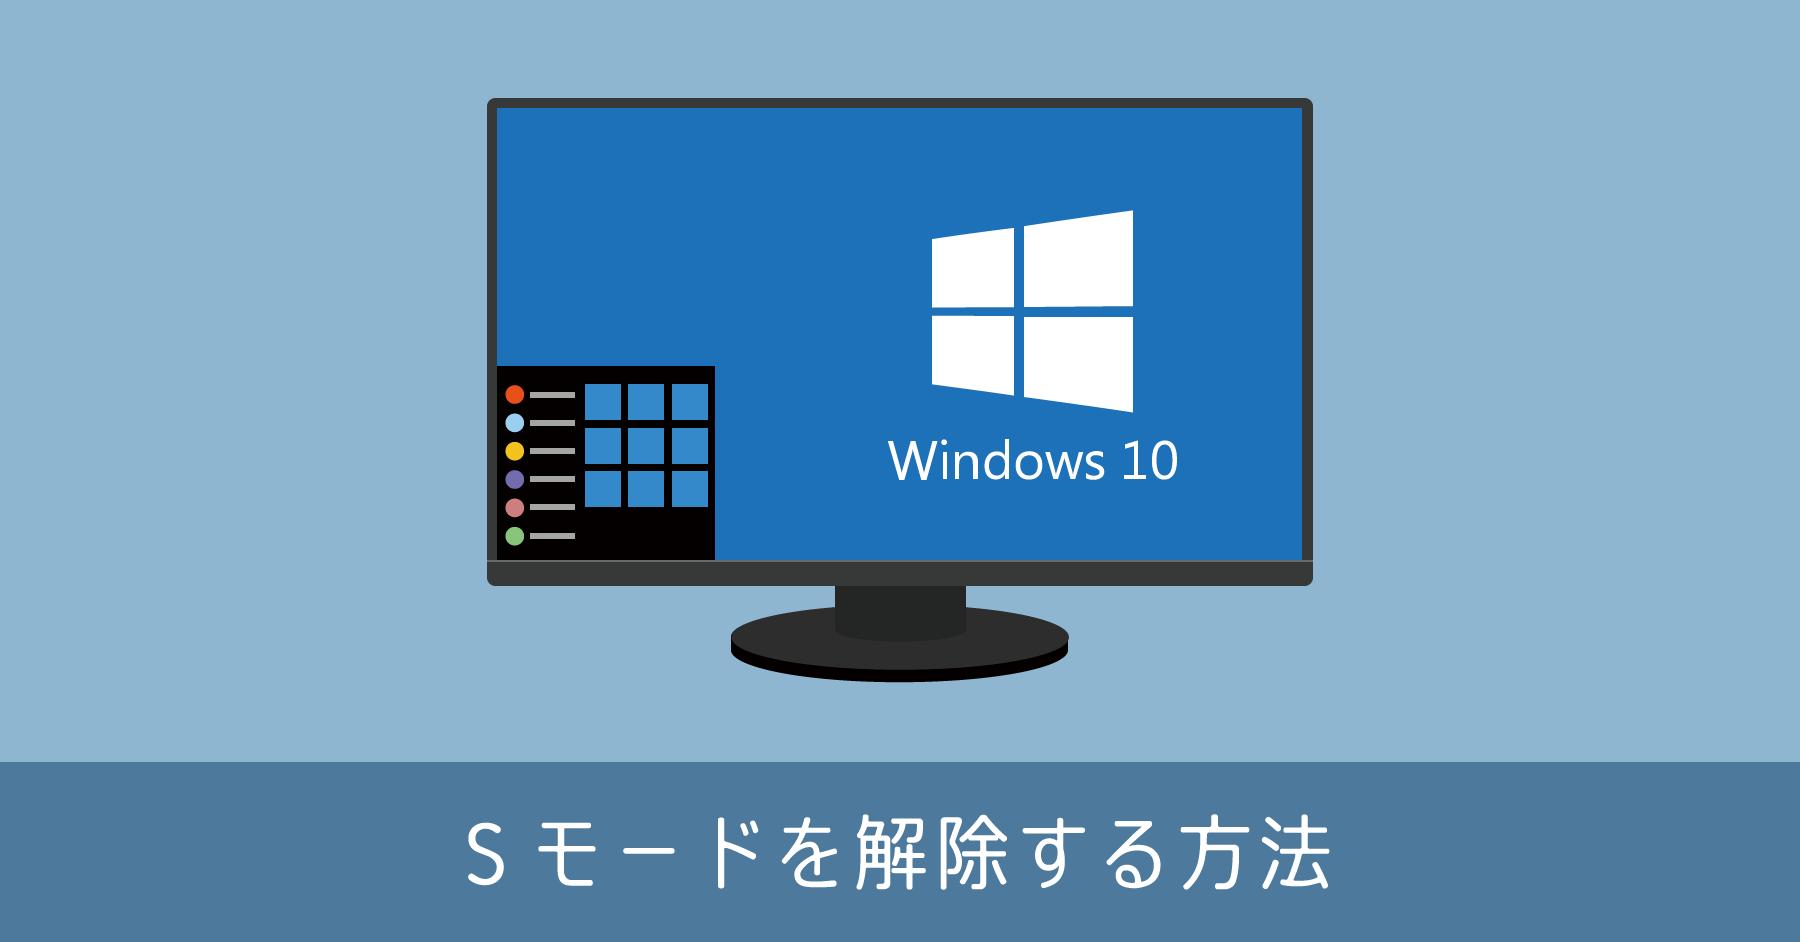 Windows 10 の S モードを解除する方法